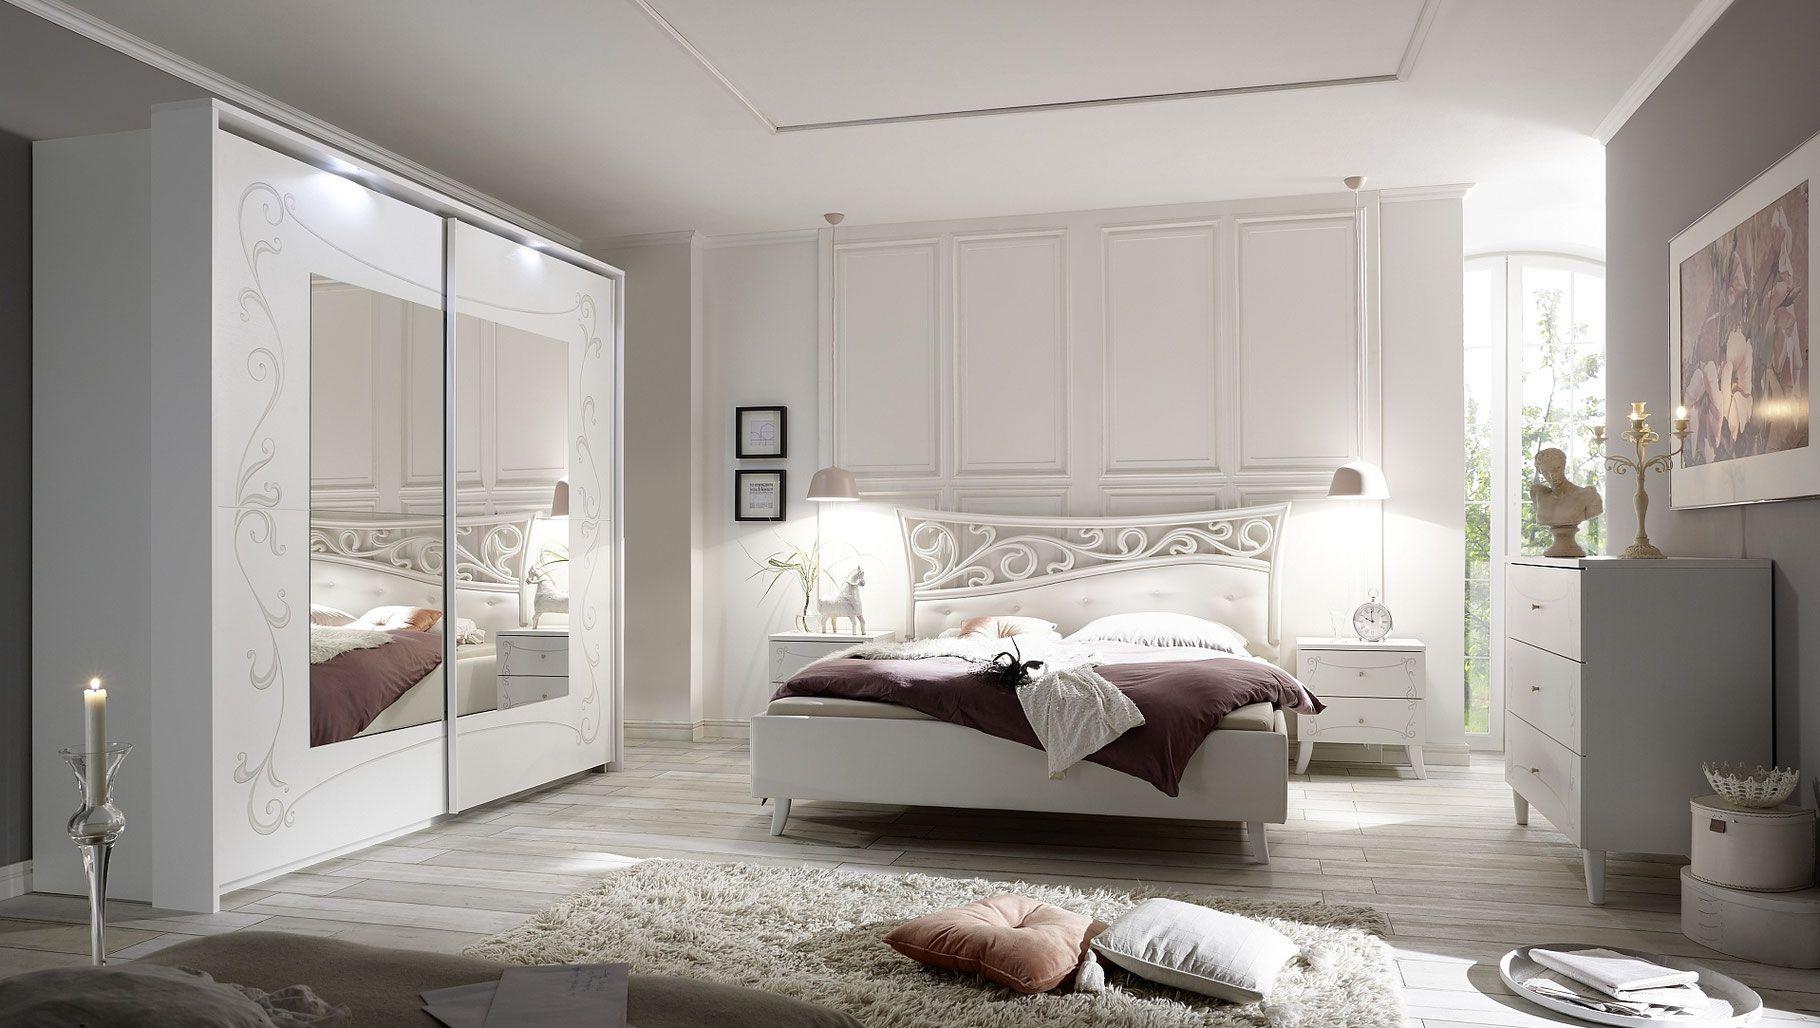 Nella categoria camere da letto classiche sono presenti 60 articoli. Camera Completa Armadio Scorrevole Ante A Specchio Stile Classico Moderno Design Bianco Opaco F Master Bedroom Design Bedroom Closet Design Bedroom Furniture